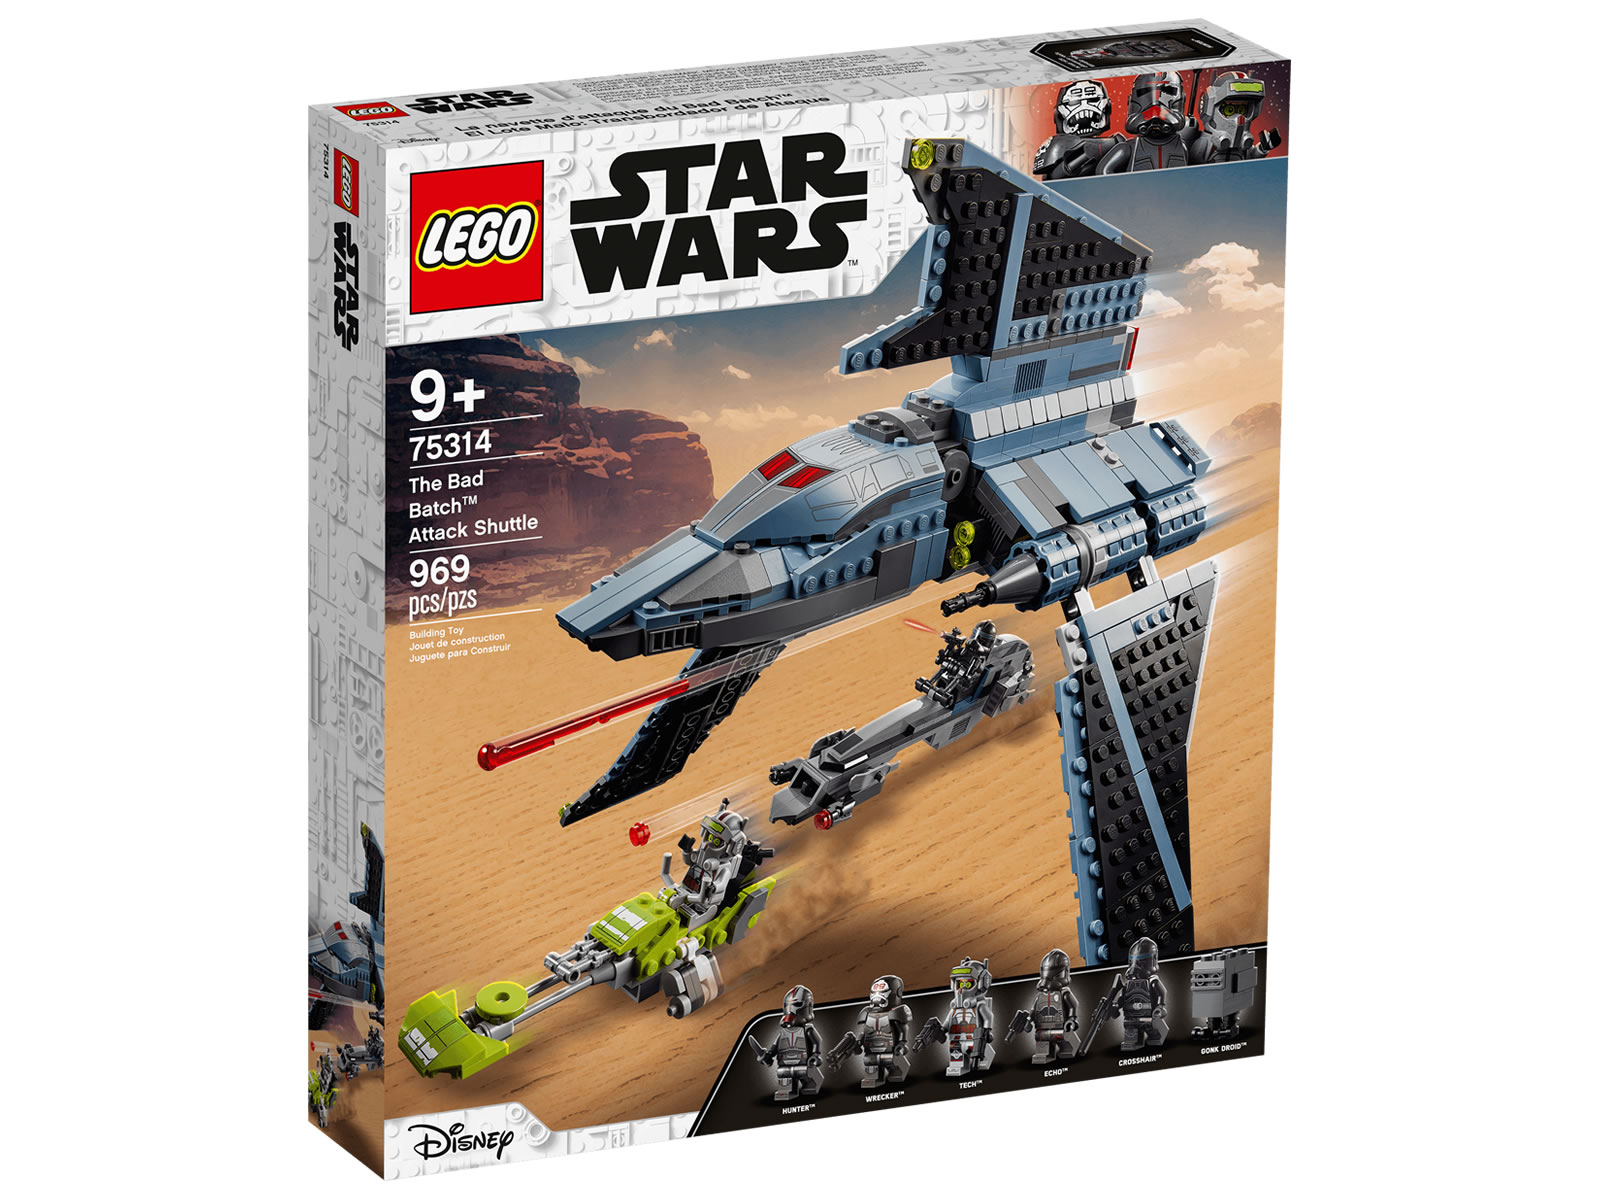 LEGO-Star-Wars-Bad-Batch-Shuttle-75314.jpg